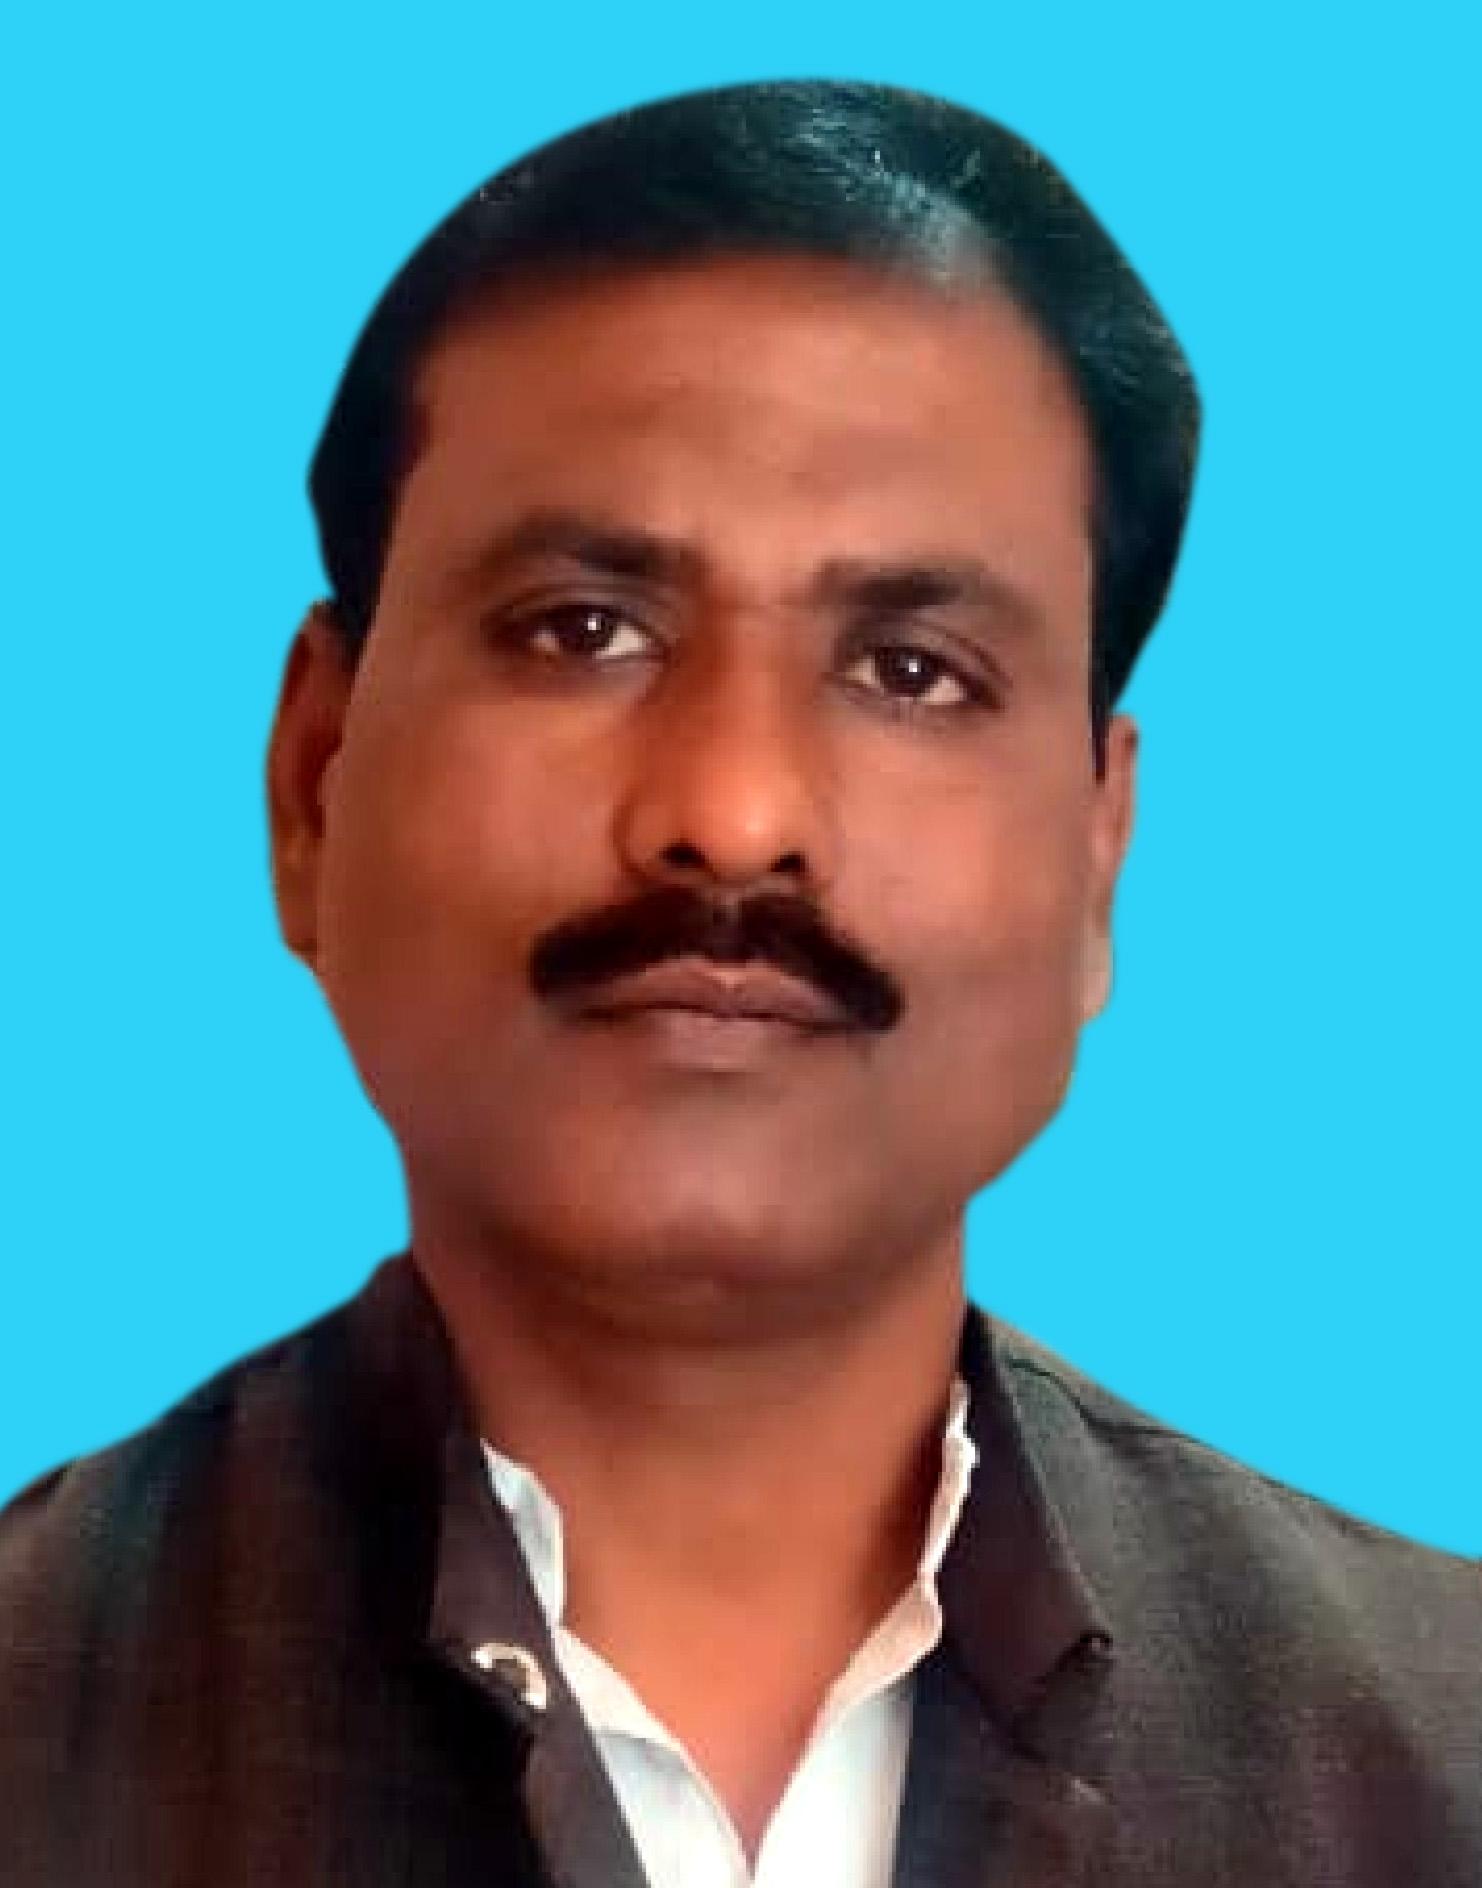 जौनपुर। अखिल भारतीय उद्योग व्यापार मण्डल जौनपुर के जिलाध्यक्ष श्रवण जायसवाल ने मंगलवार को सिटी मजिस्ट्रेट ब्रह्मदेव मिश्र से वार्ता किया।  इस दौरान श्री जायसवाल द्वारा विभिन्न प्रकार की दुकानों के खोलने की जानकारी ली तो उन्होंने बताया कि इस्पा सेण्टर, सैलून, शॉपिंग मॉल, ब्यूटी पार्लर को छोड़कर समस्त ट्रेड की दुकानें सुबह 10 बजे से सायंकाल 5 बजे तक खुली रहेंगी। इस आशय की जानकारी प्रेस विज्ञप्ति के माध्यम से देते हुये व्यापारी नेता श्री जायसवाल ने दुकानदारों से अपील किया कि साफ-सफाई का ध्यान रखें। शोसल डिस्टेंस का पालन करते व कराते हुये दुकानों पर भीड़ न लगने दें। अपनी दुकानों के सामने गोले बनाकर ग्राहकों से अपील करें कि जो सुझाव दिये गये हैं, उसका पालन करें, ताकि महामारी को लेकर शासन का सहयोग एवं अपनी रक्षा हो सके।